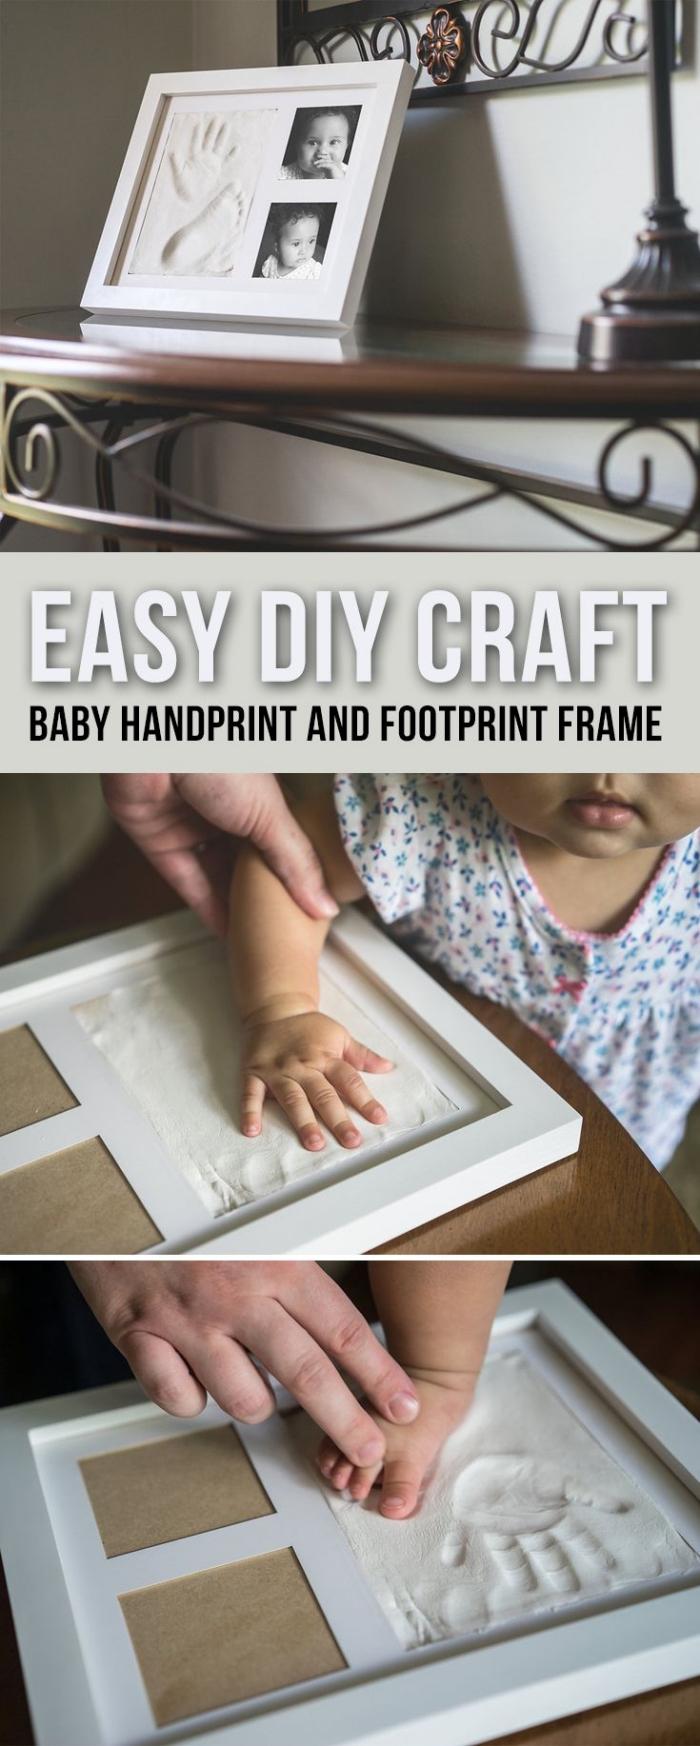 exemple comment réaliser un cadre décoratif avec mpreinte pied bébé, diy objet de décoration originale pour maman